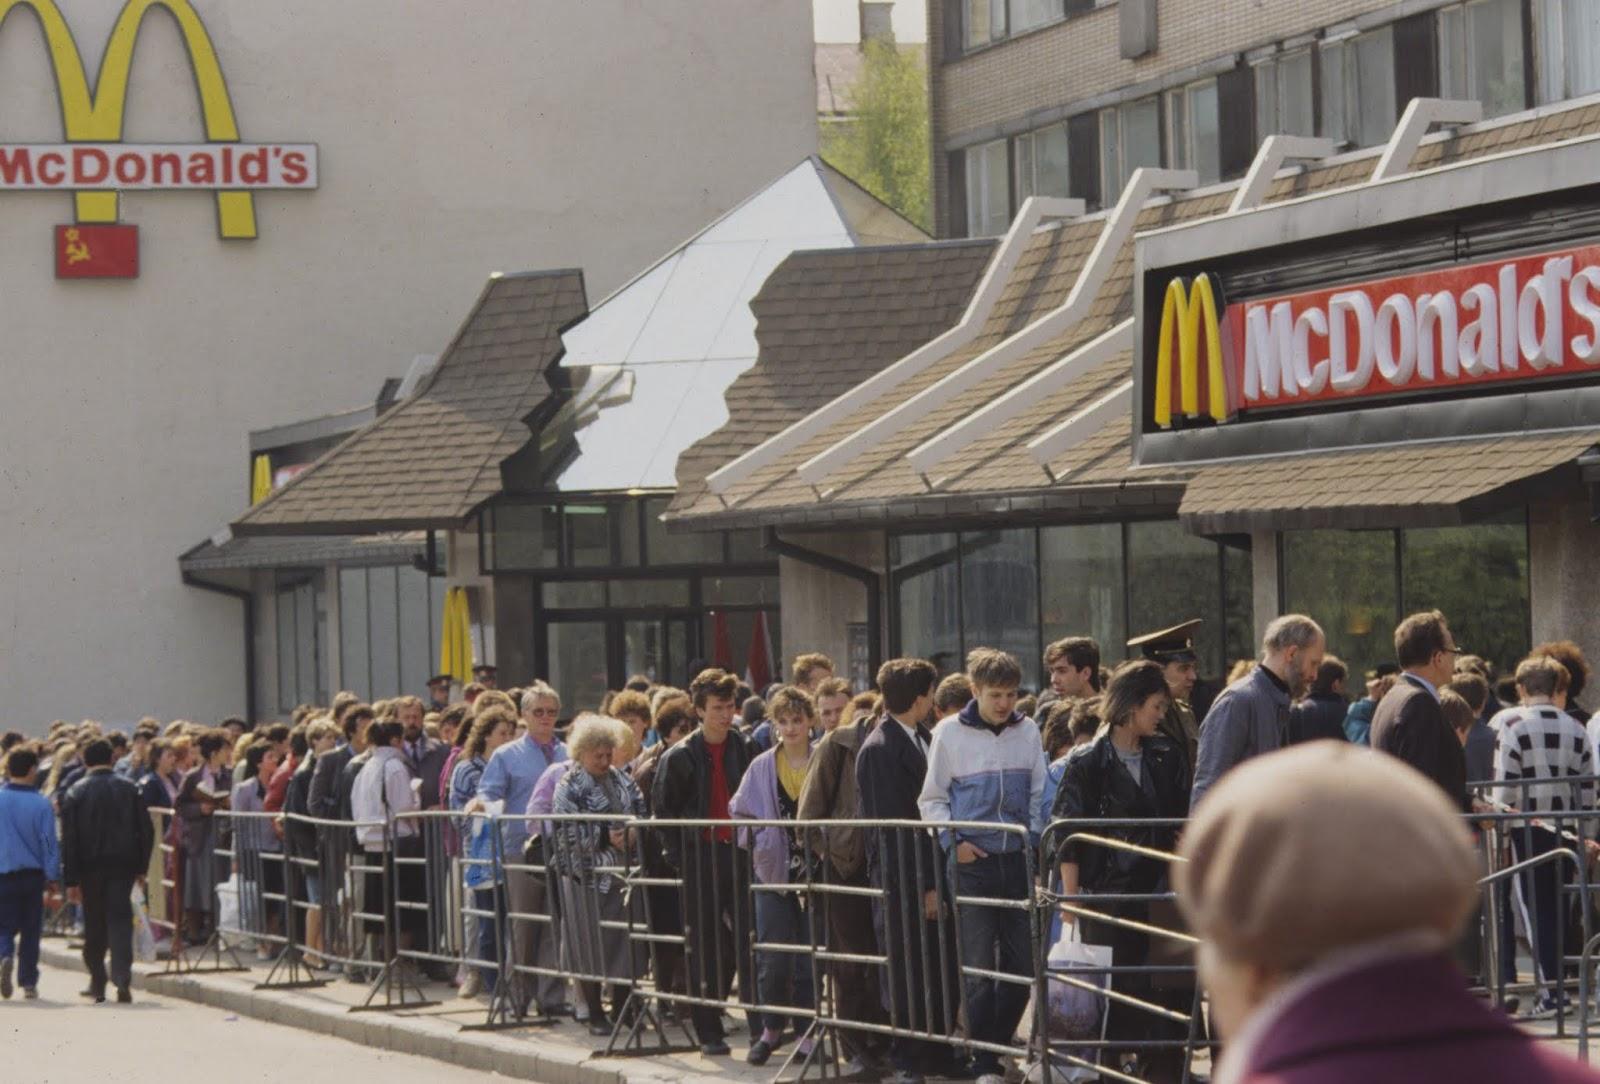 Fila para o primeiro McDonald's da Rússia, em Moscou. Foto: VLADIMIR VYATKIN. Fonte: https://cdnbr1.img.sputniknews.com/images/145/97/1459764.jpg